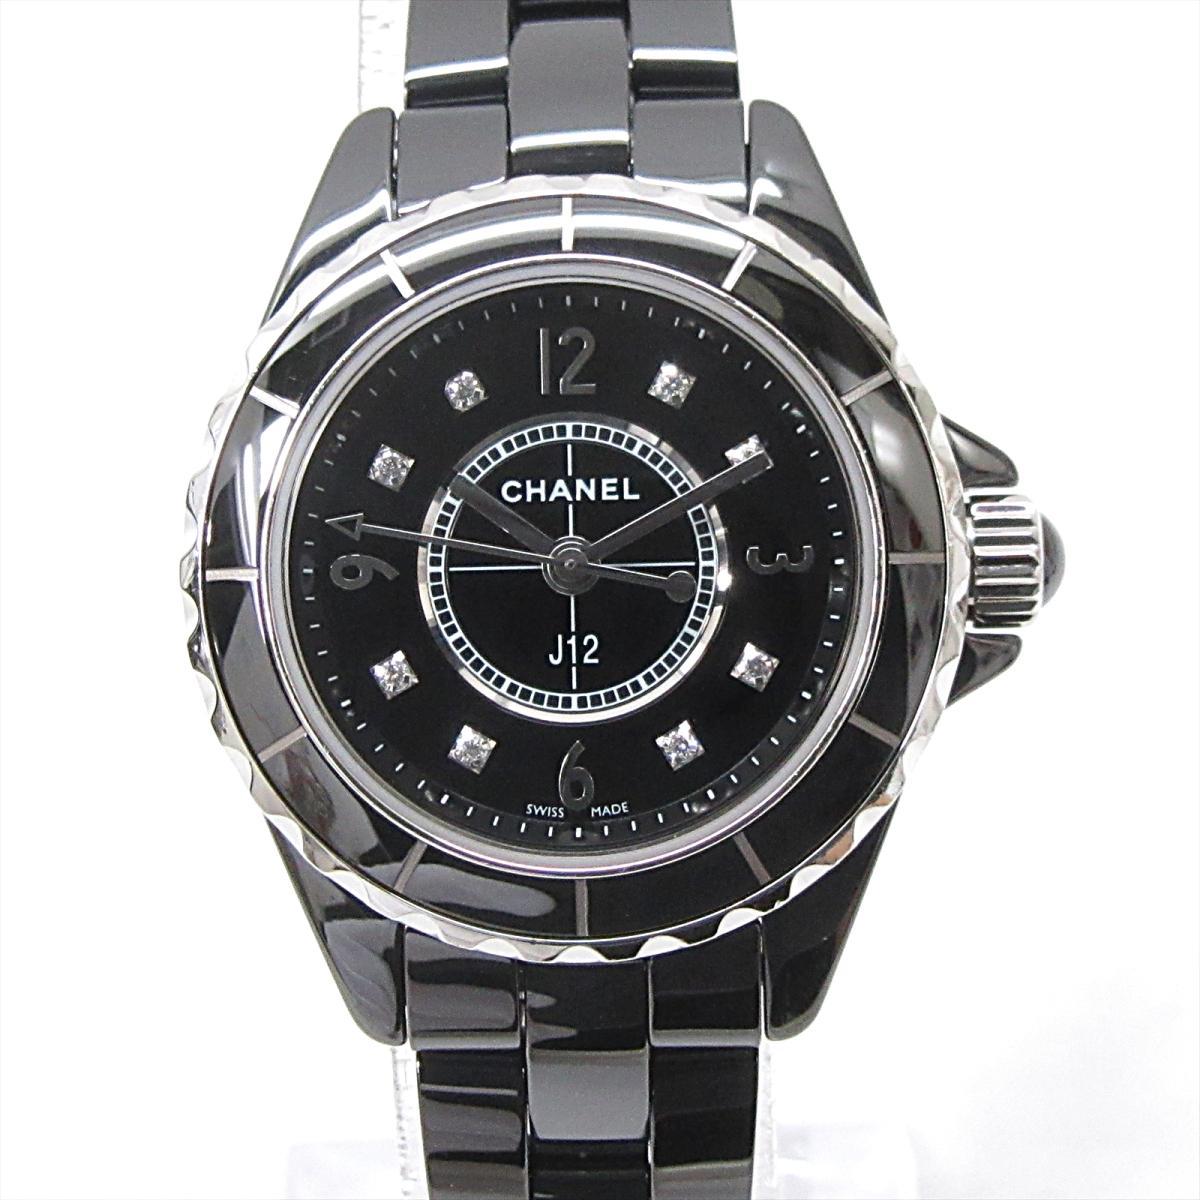 【中古】シャネル J12 腕時計 ウォッチ レディース セラミック x ダイヤモンド (8P) (H2569) | CHANEL BRANDOFF ブランドオフ ブランド ブランド時計 ブランド腕時計 時計